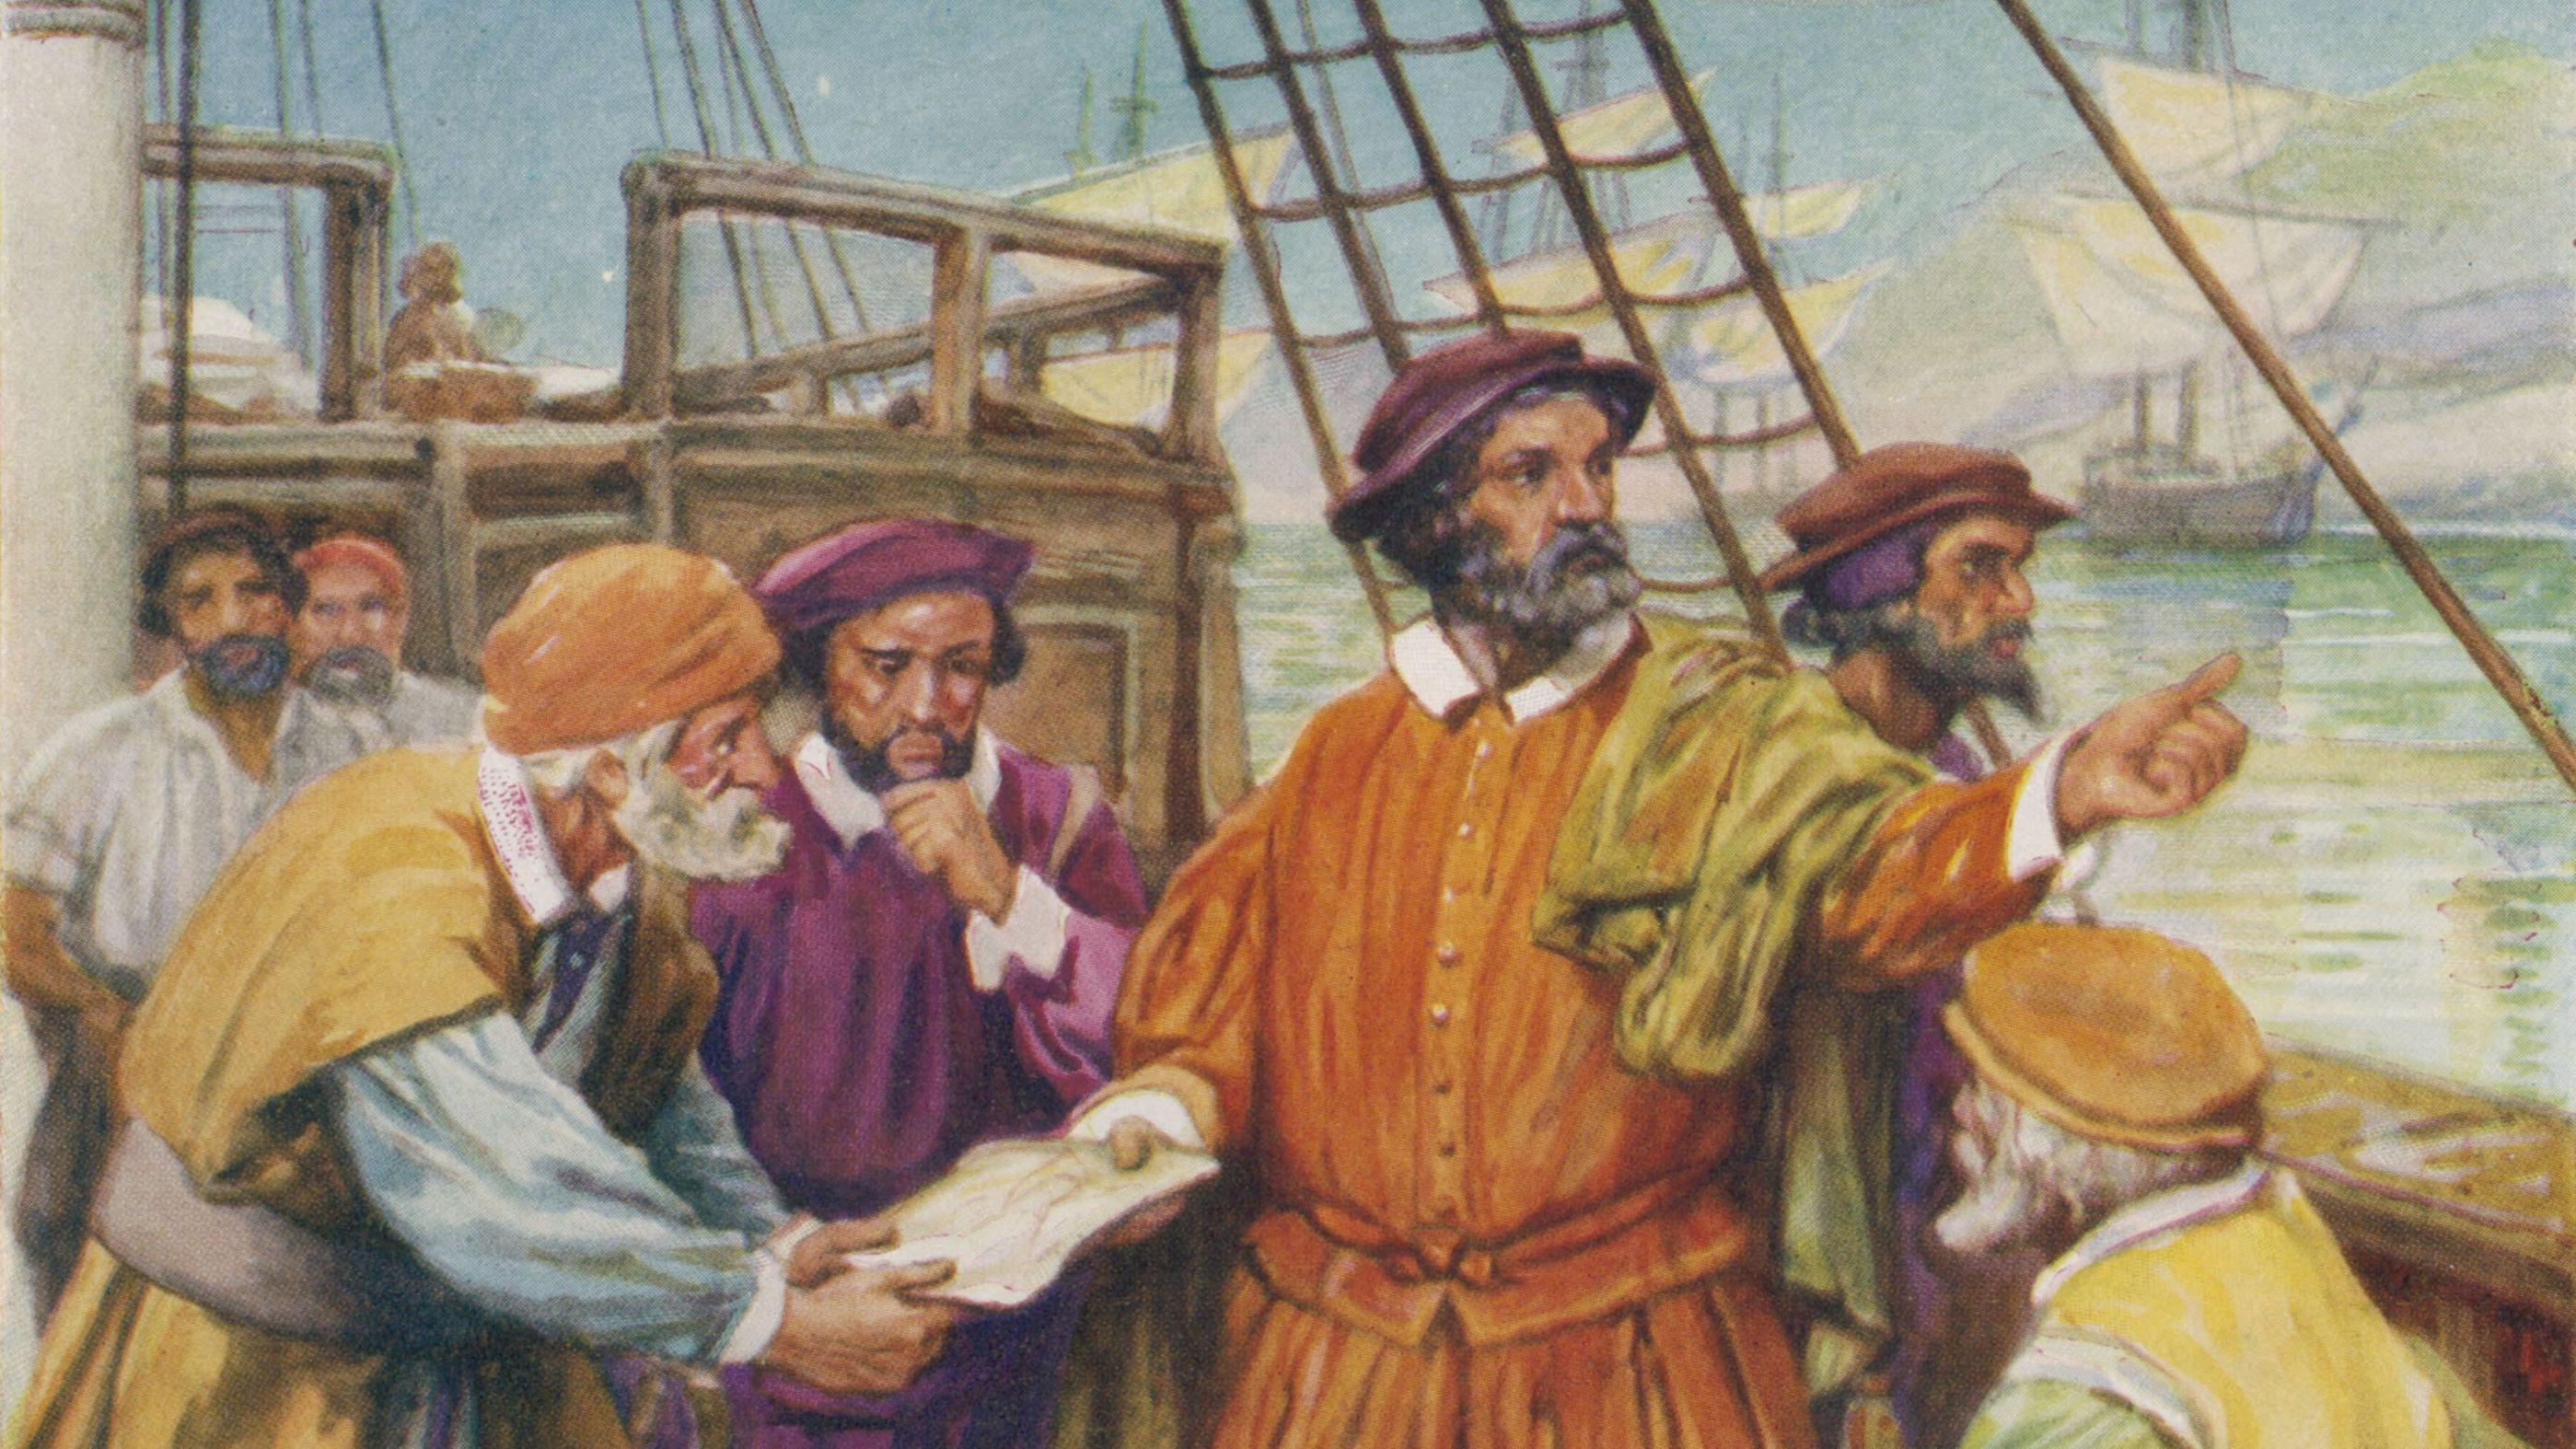 Die Zeichnung veranschaulicht, wie sich Ferdinand Magellan mit seiner Mannschaft berät, um eine westliche Route zu den Gewürzinseln zu finden.